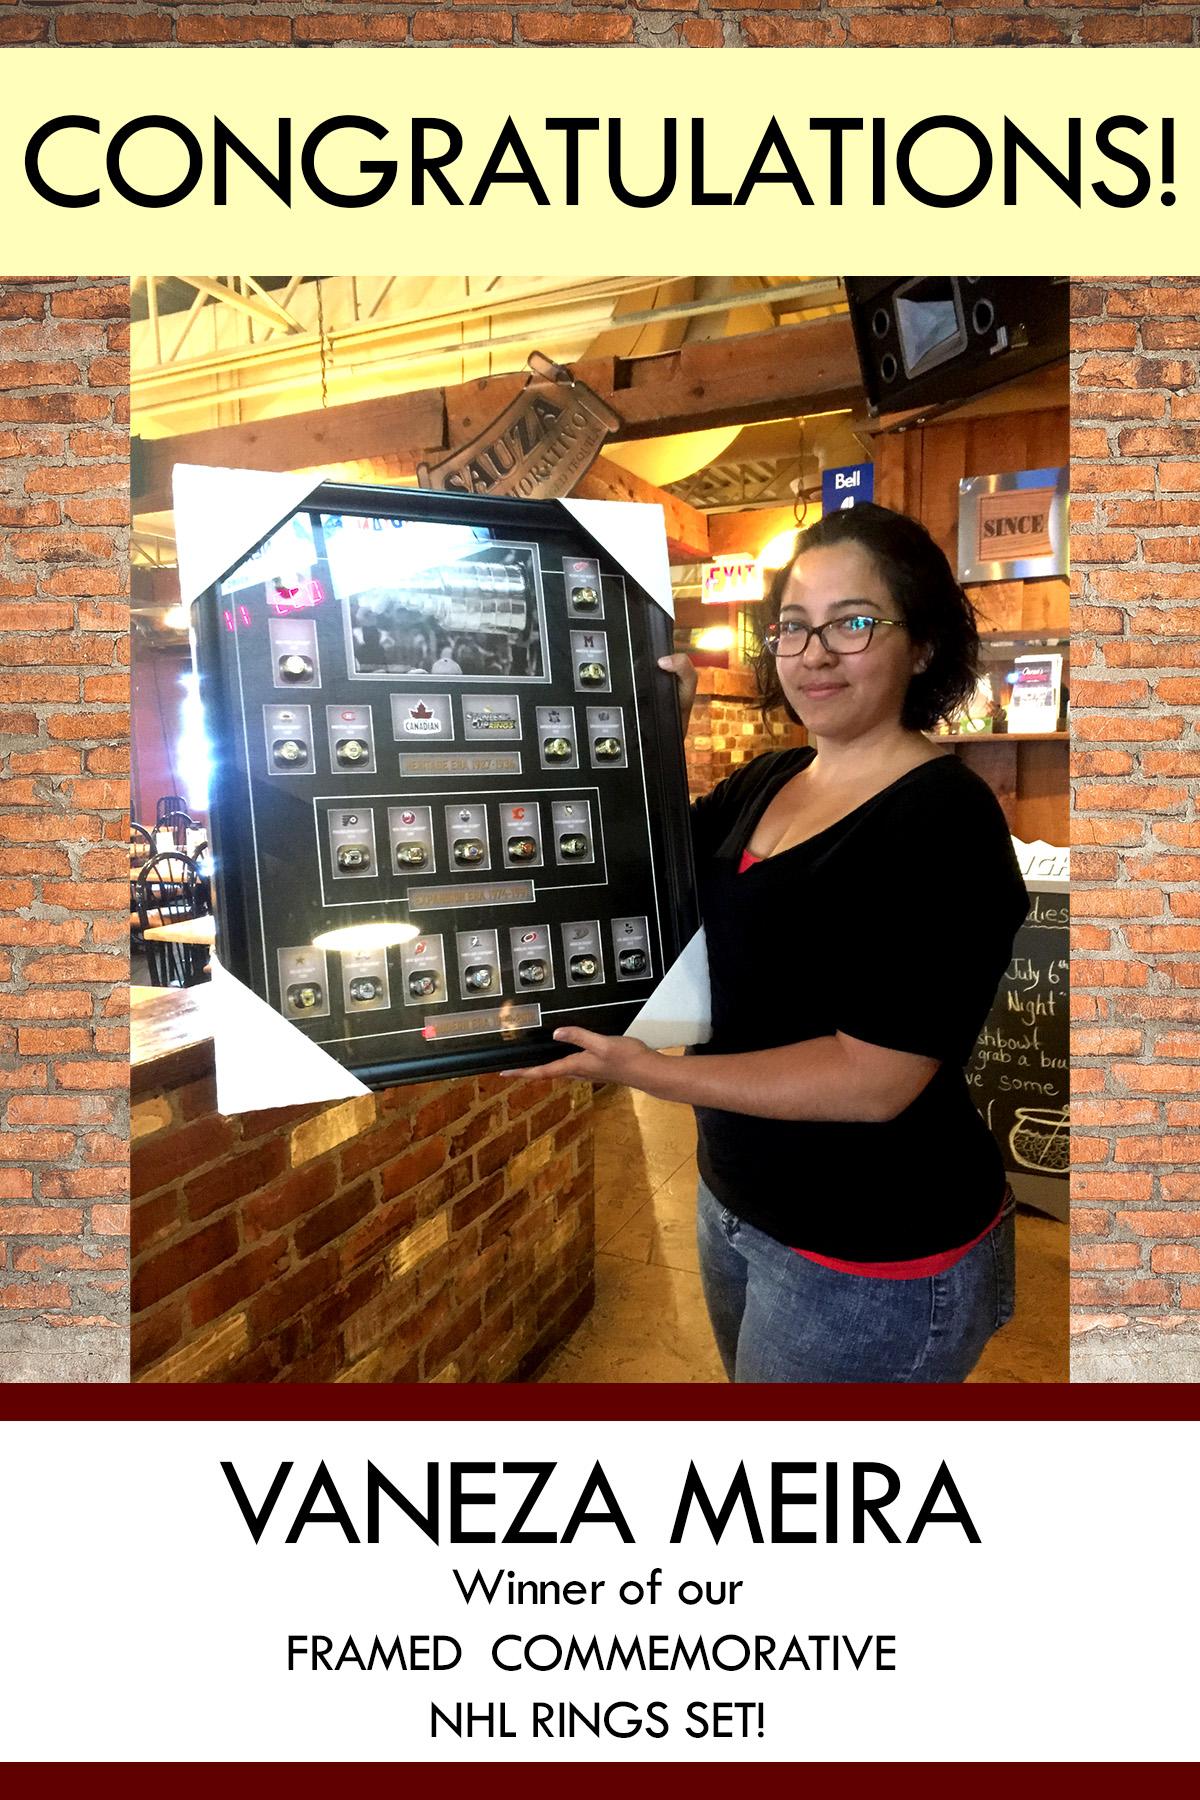 Congratulations Vaneza Meira!